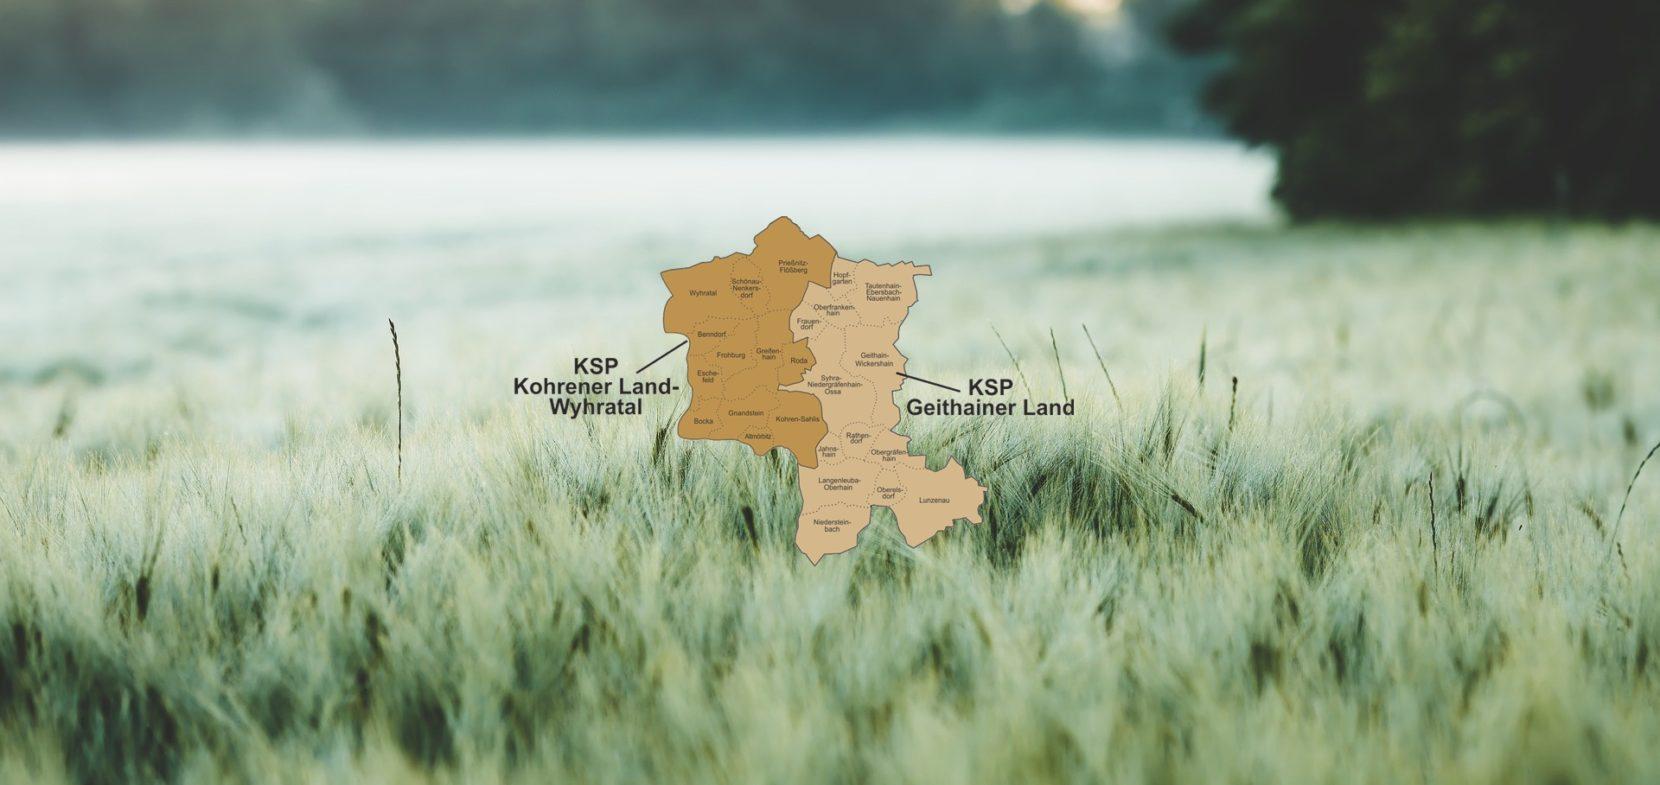 Region Frohburg / Geithain